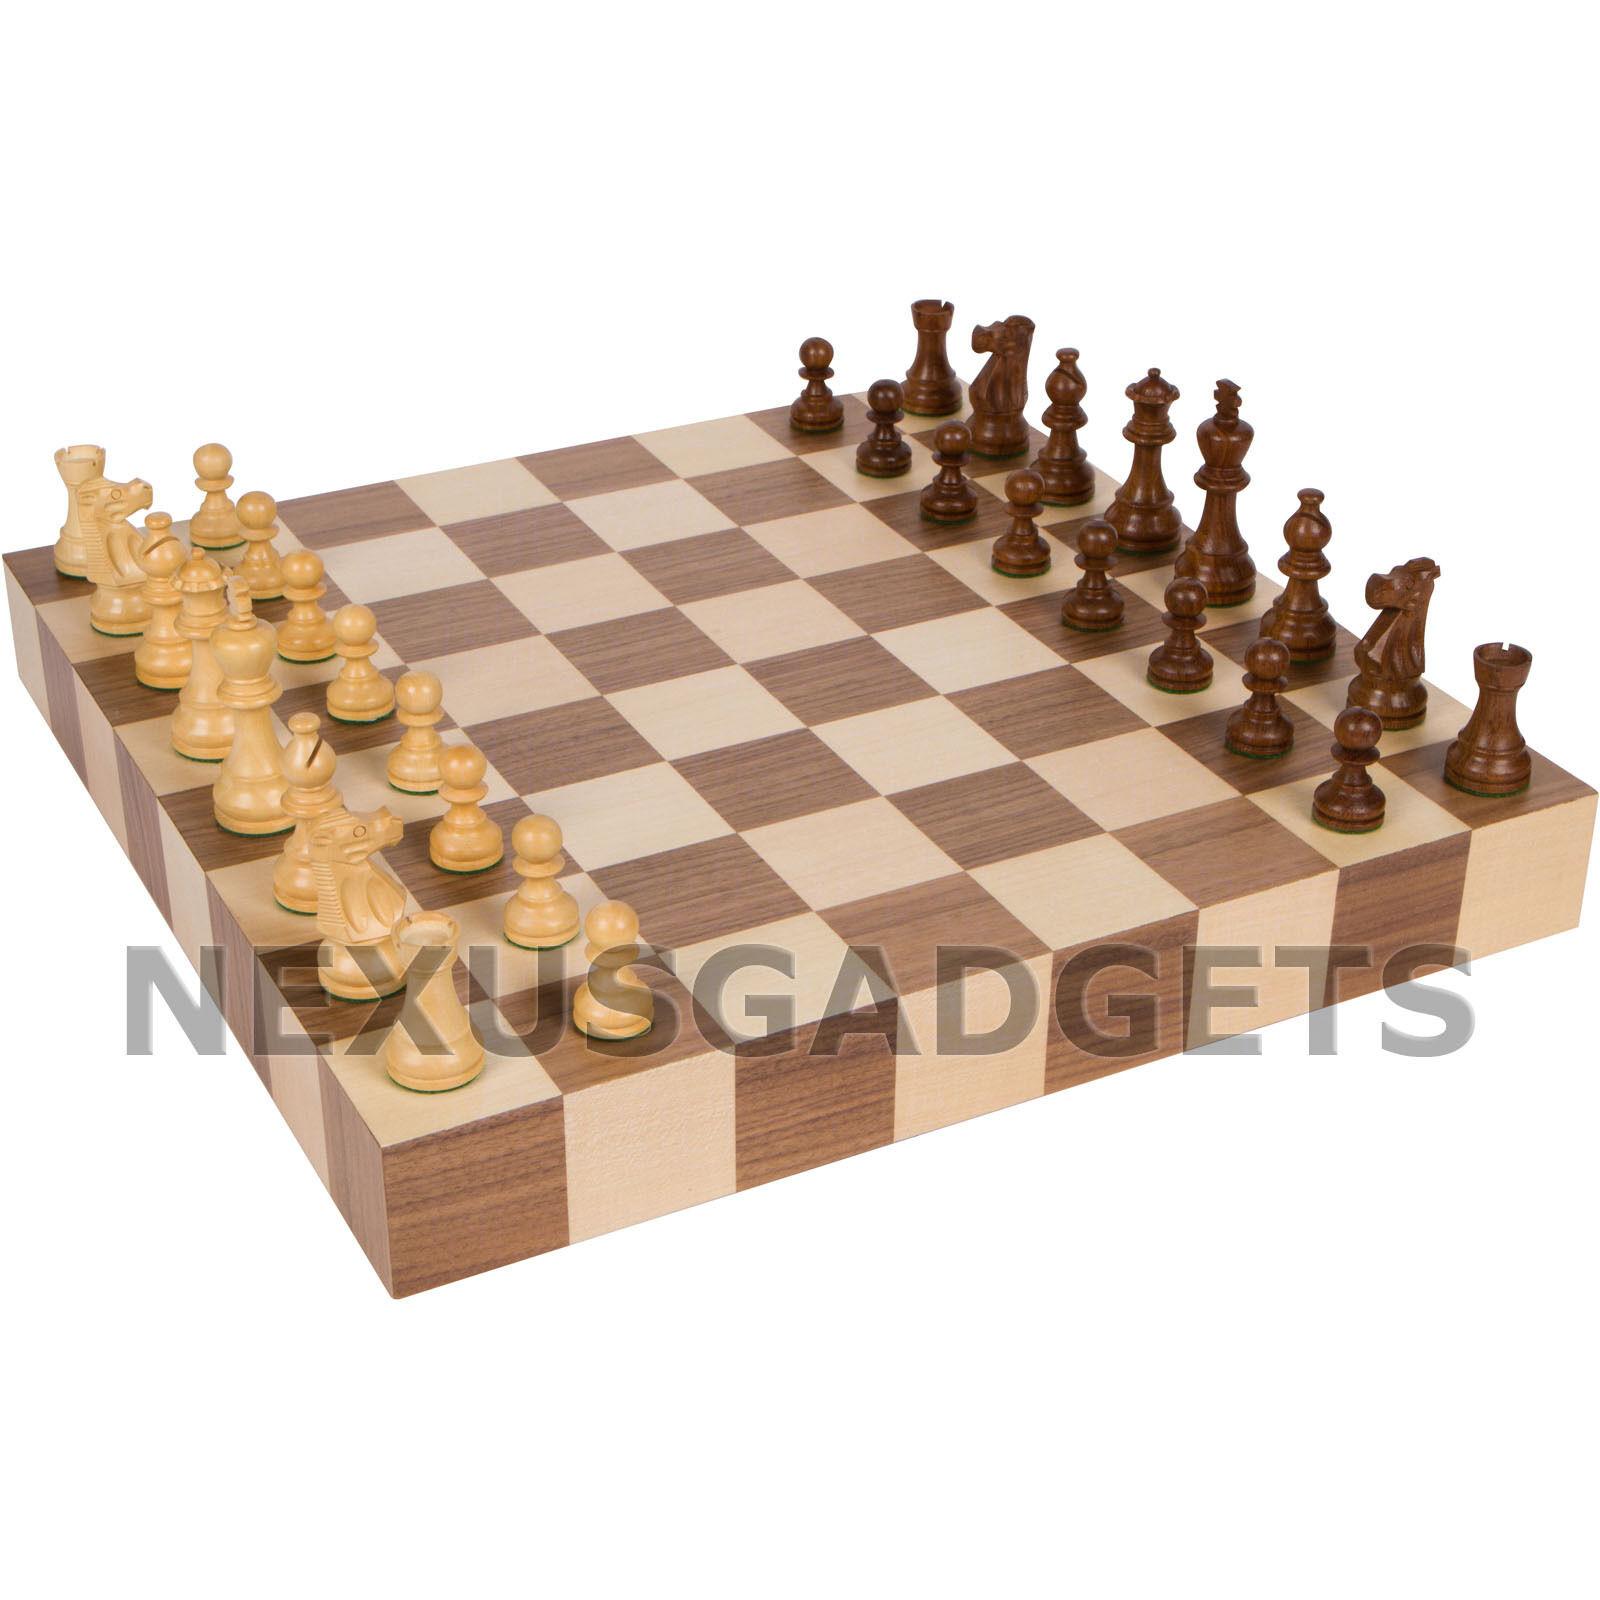 Chess sans frontières 18 in (environ 45.72 cm) grand tournoi Board Game Set Bois Incrusté pièces Plateau